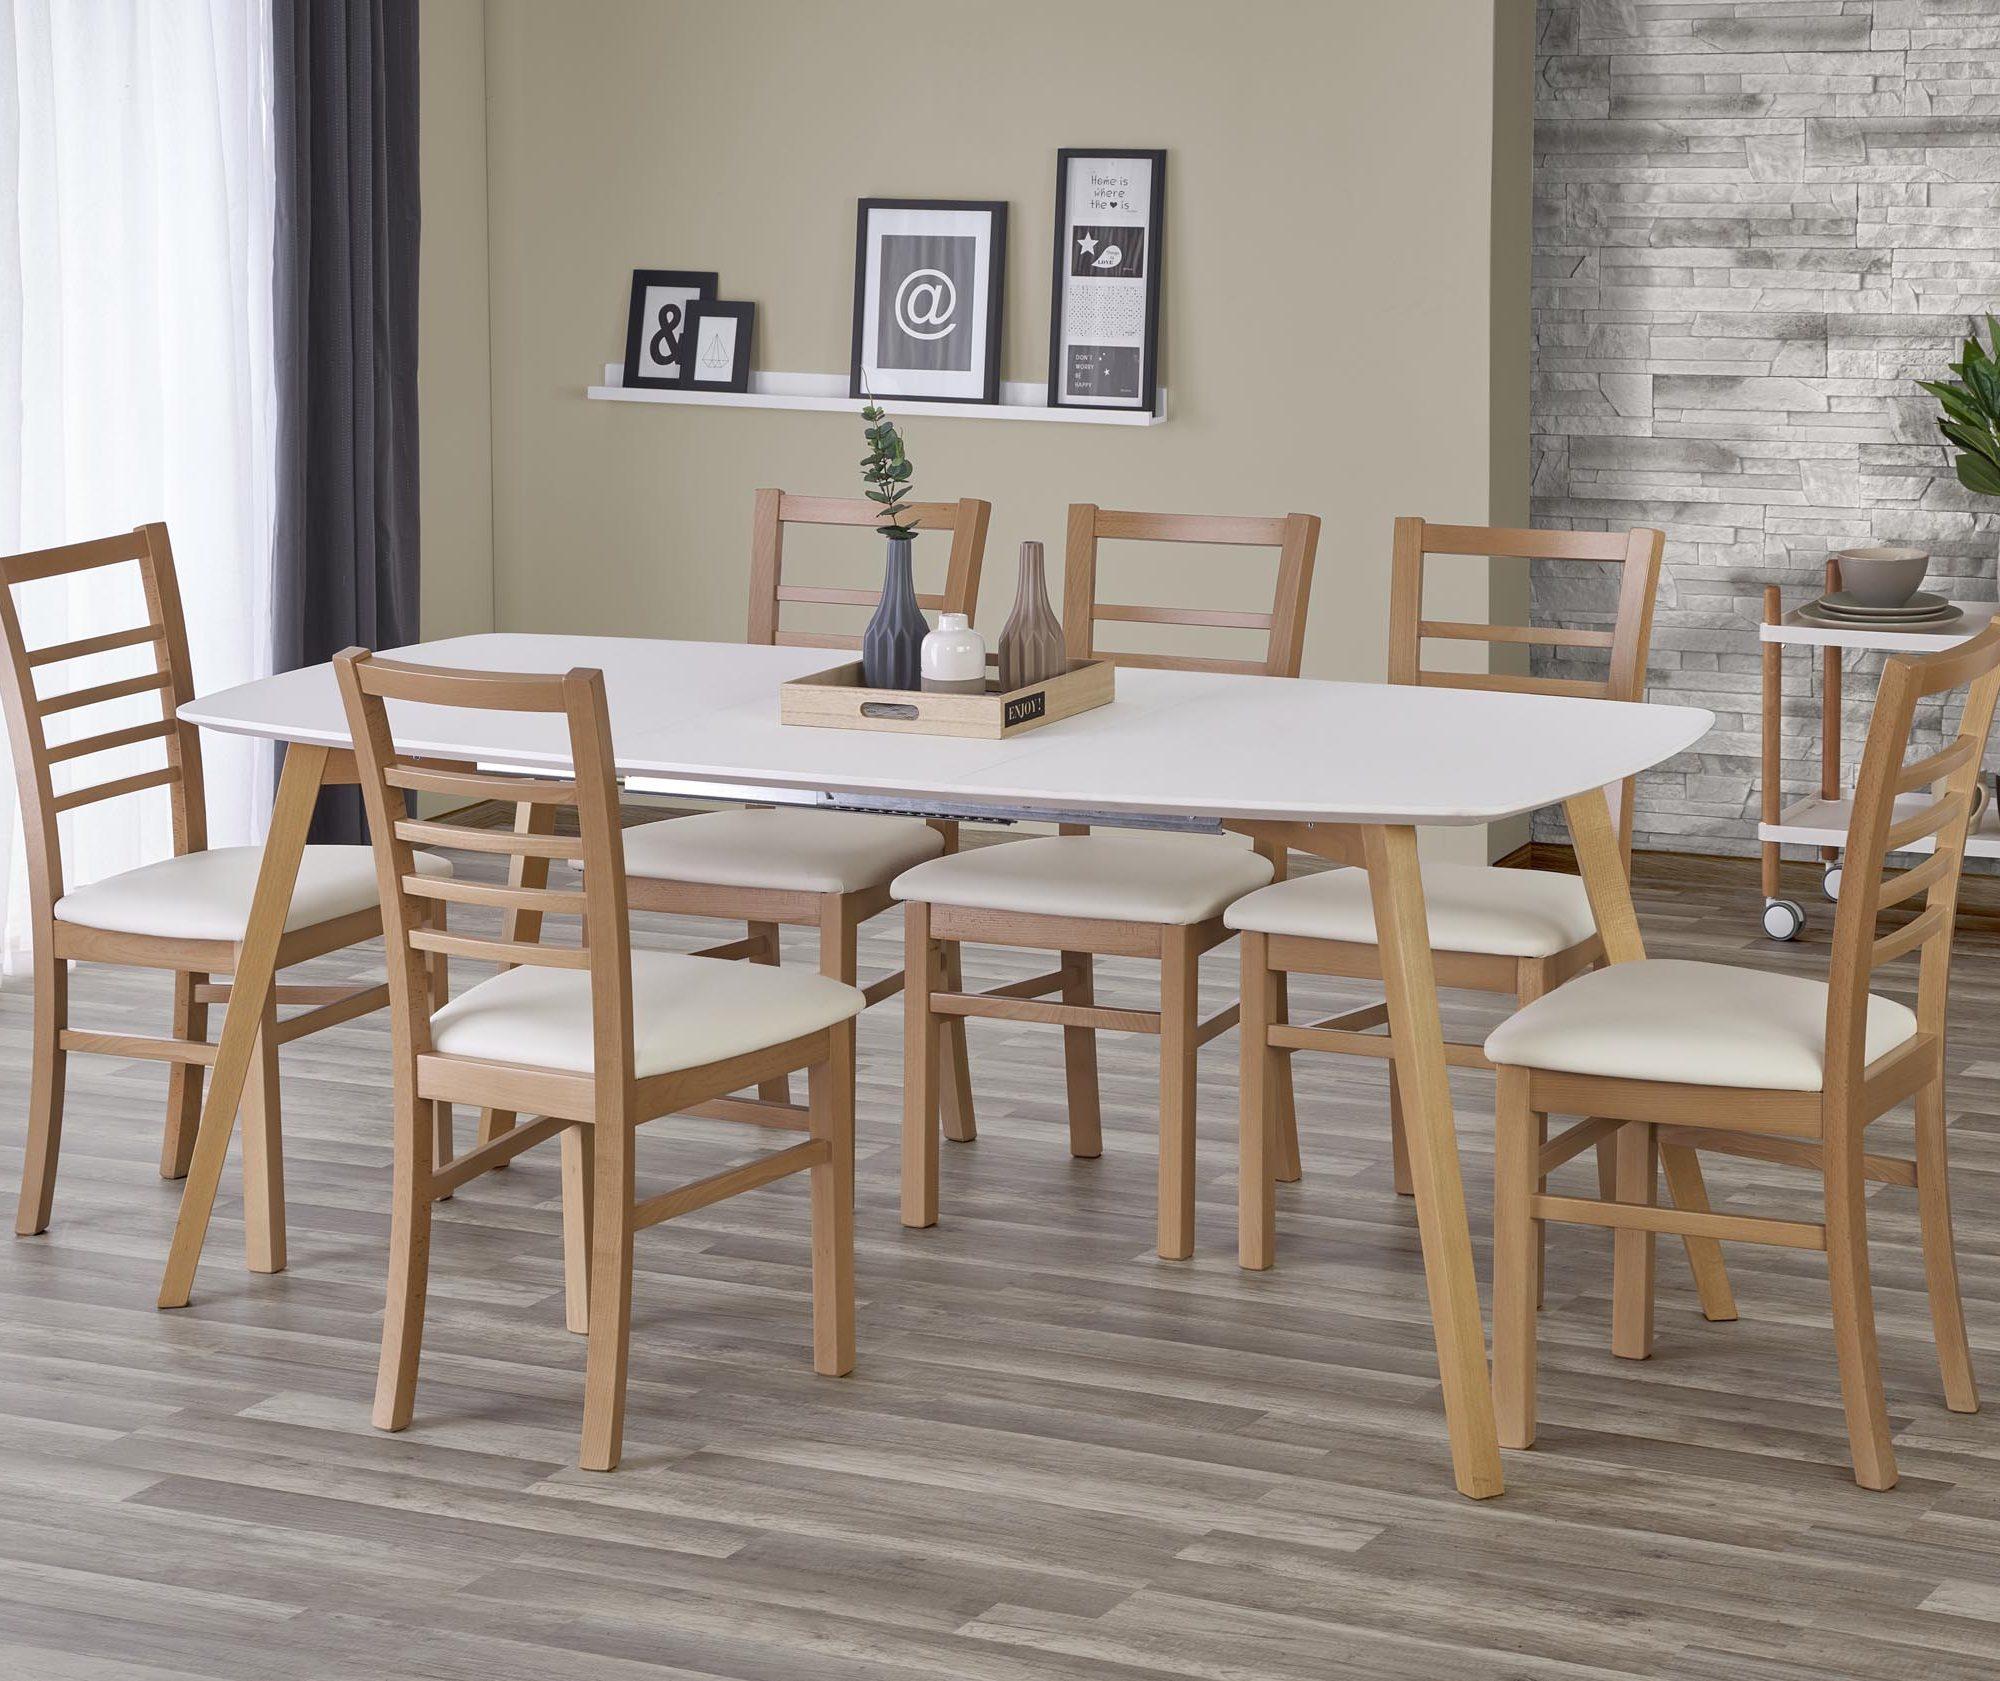 Drewniane Krzesla I Rozkladany Stol W Nowoczesnej Aranzacji Jadalni